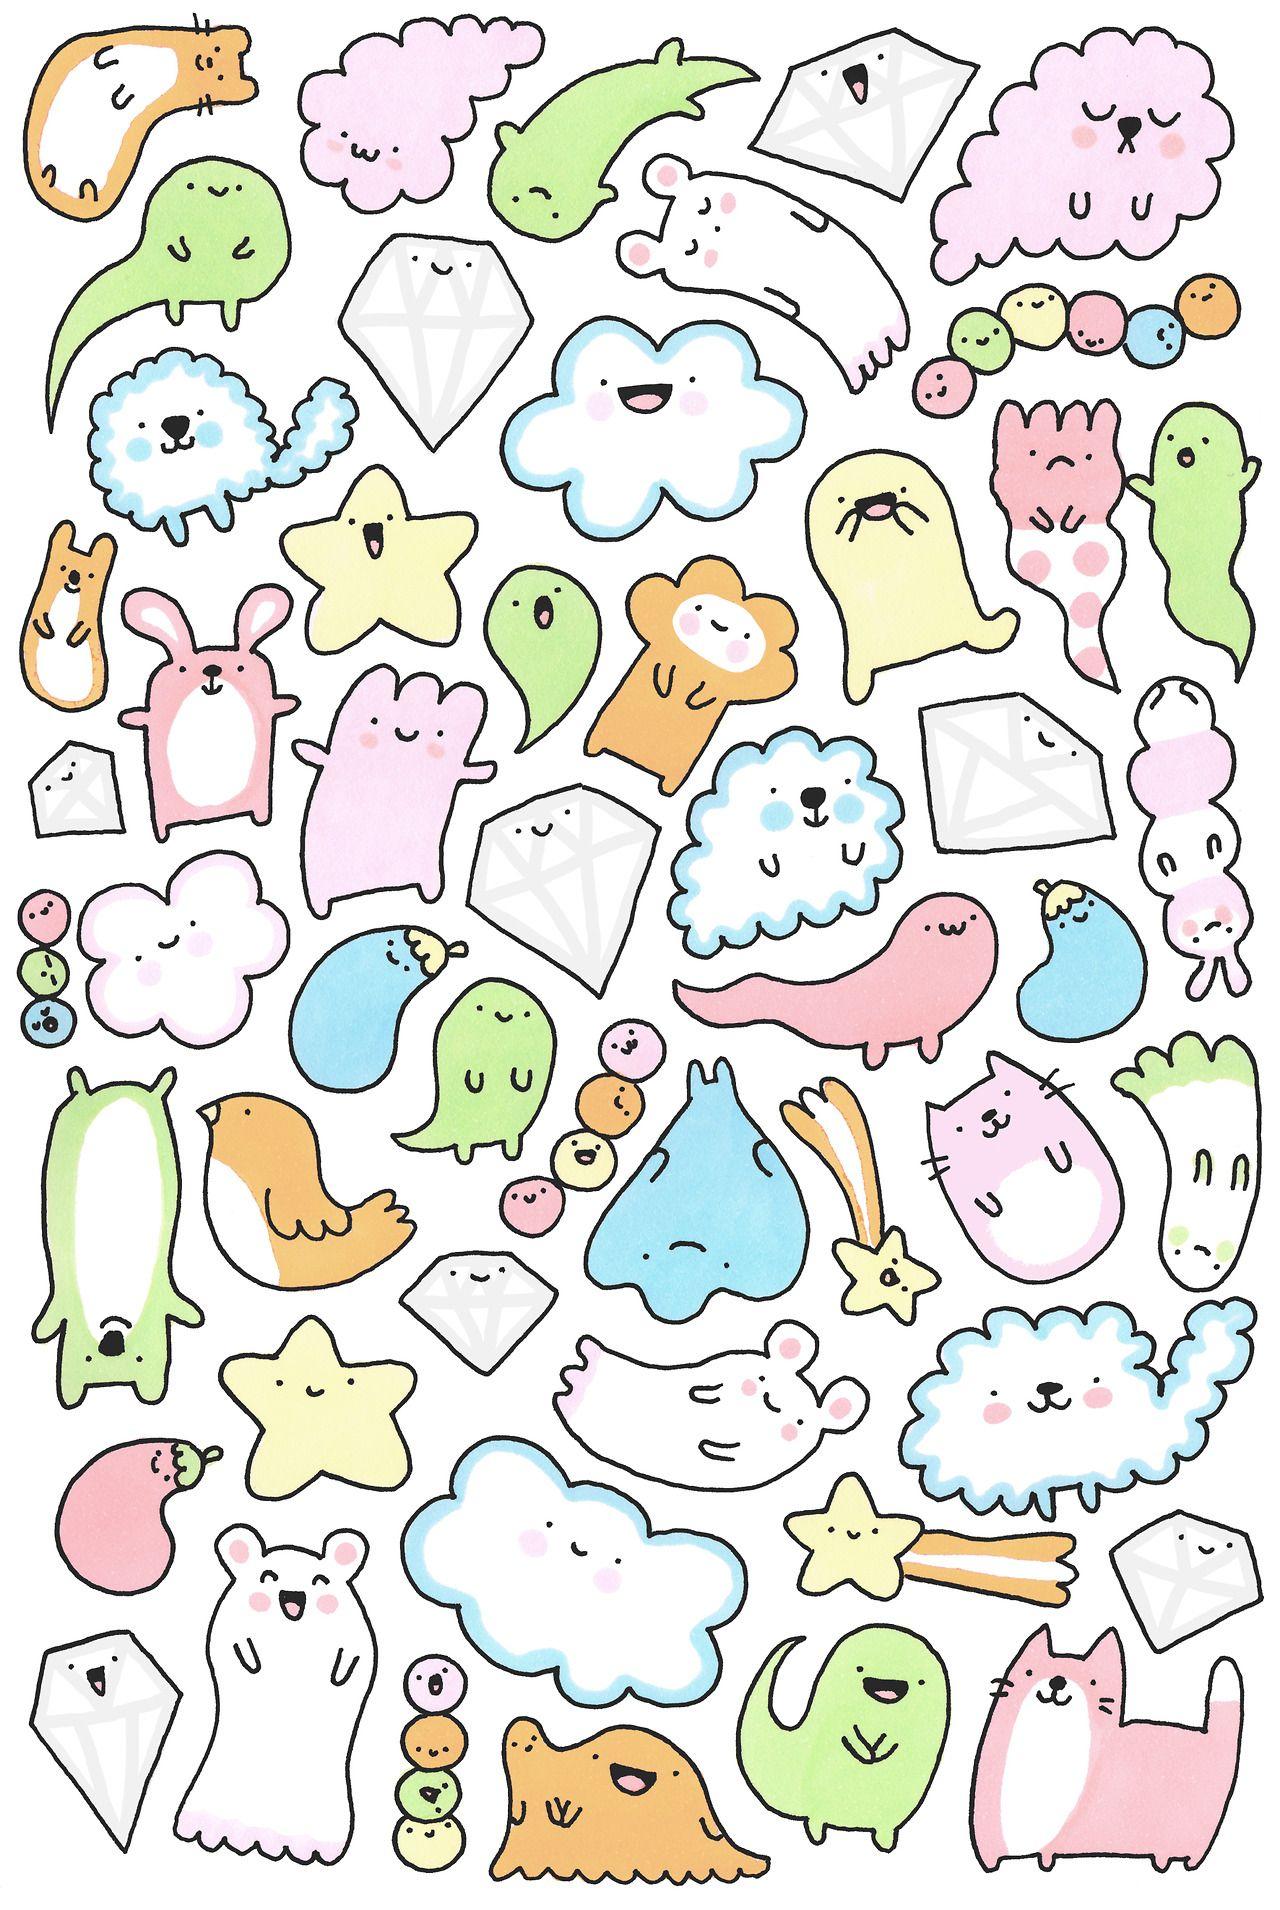 キラキラ DOODLES DOODLE Pinterest Doodles, Kawaii and